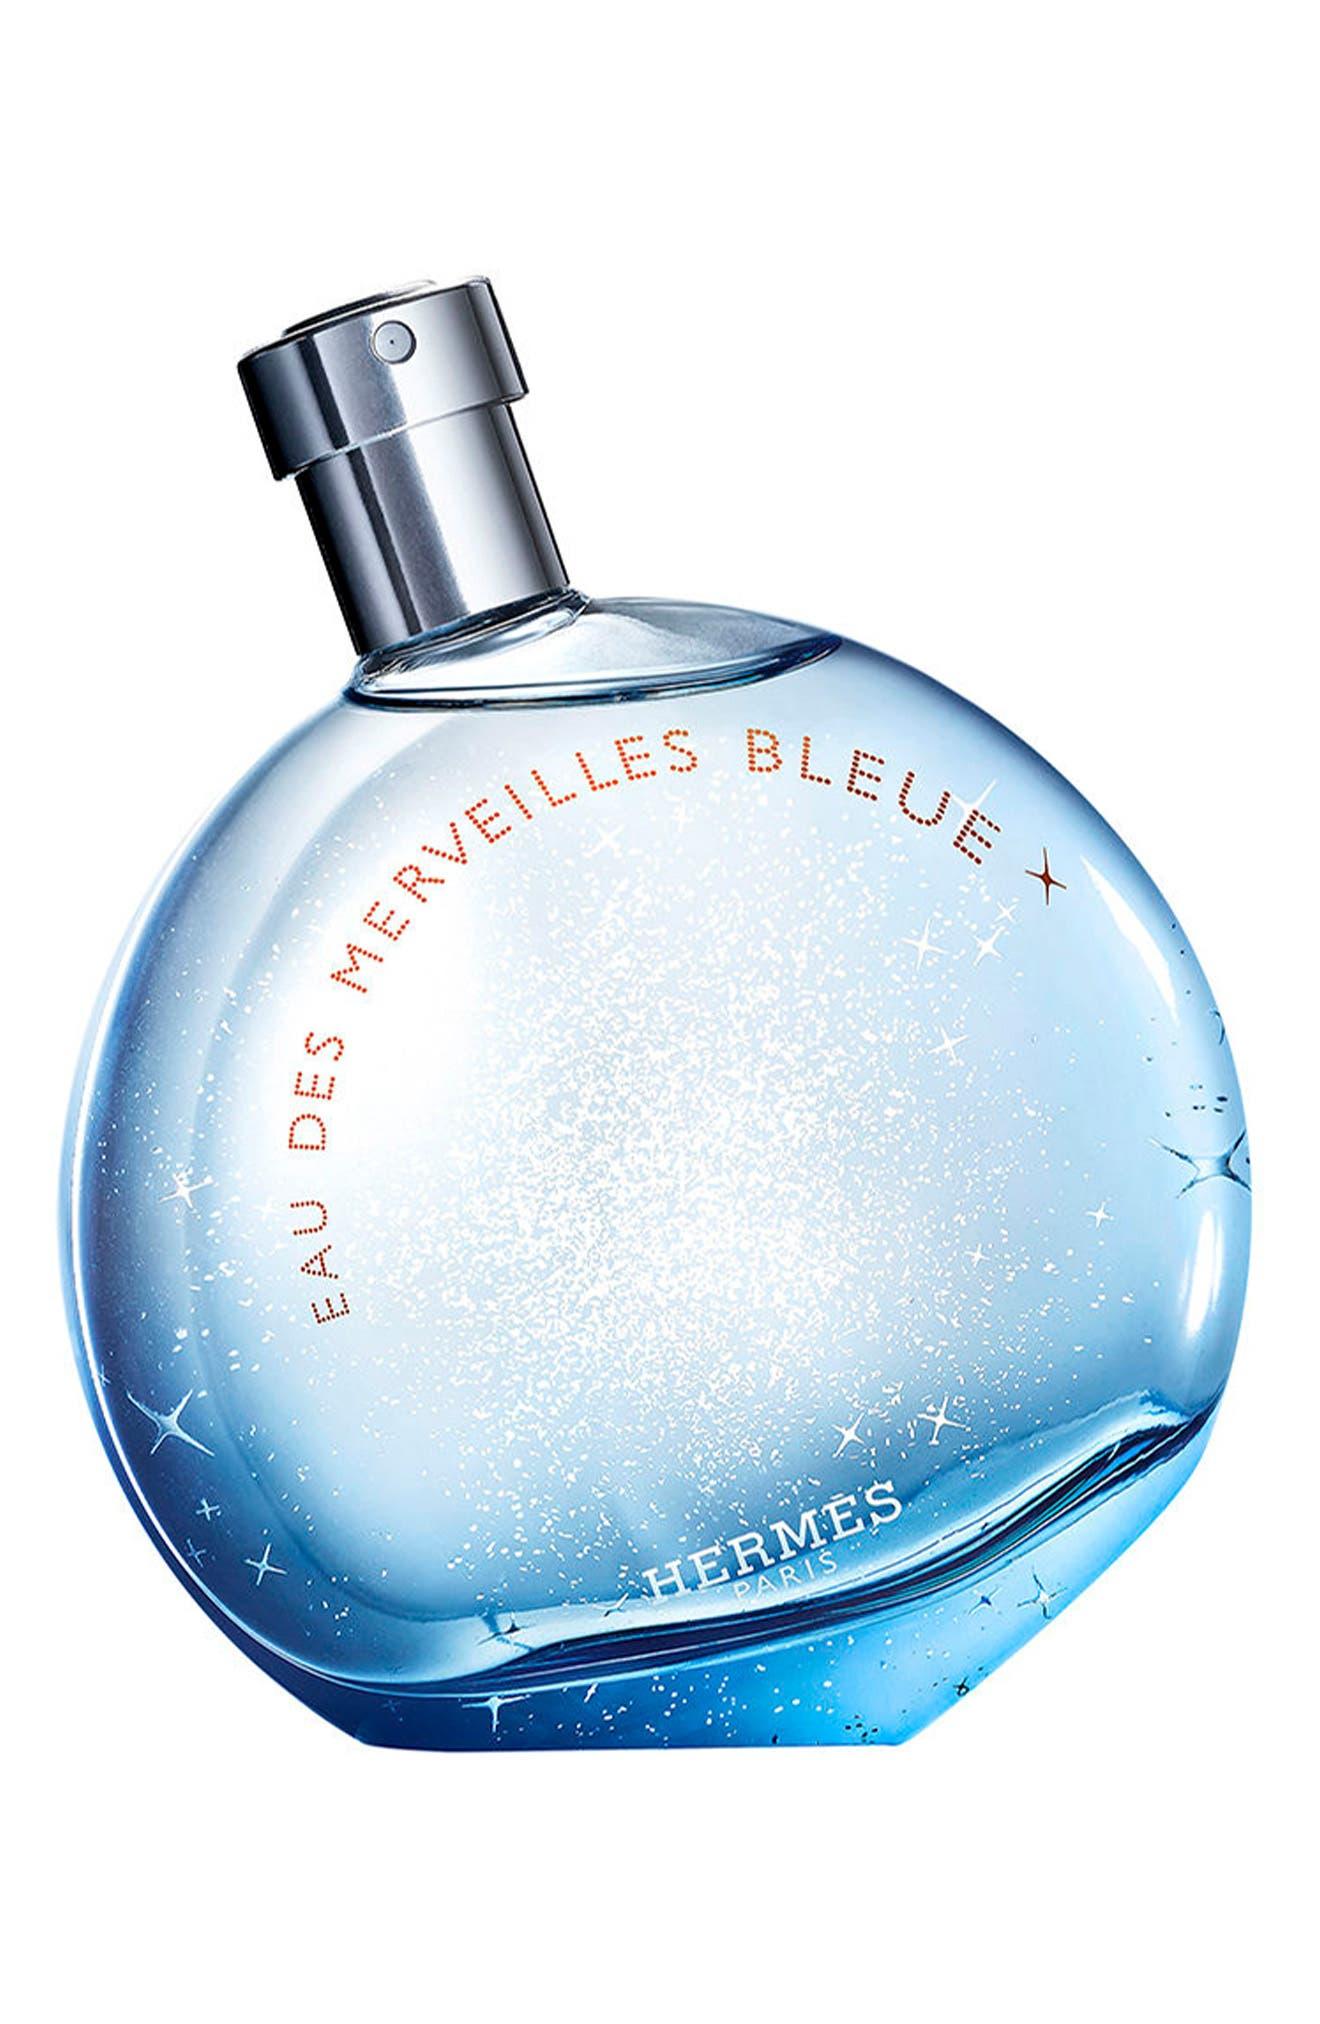 Hermès Eau des Merveilles Bleue — Eau de toilette (Nordstrom Exclusive)